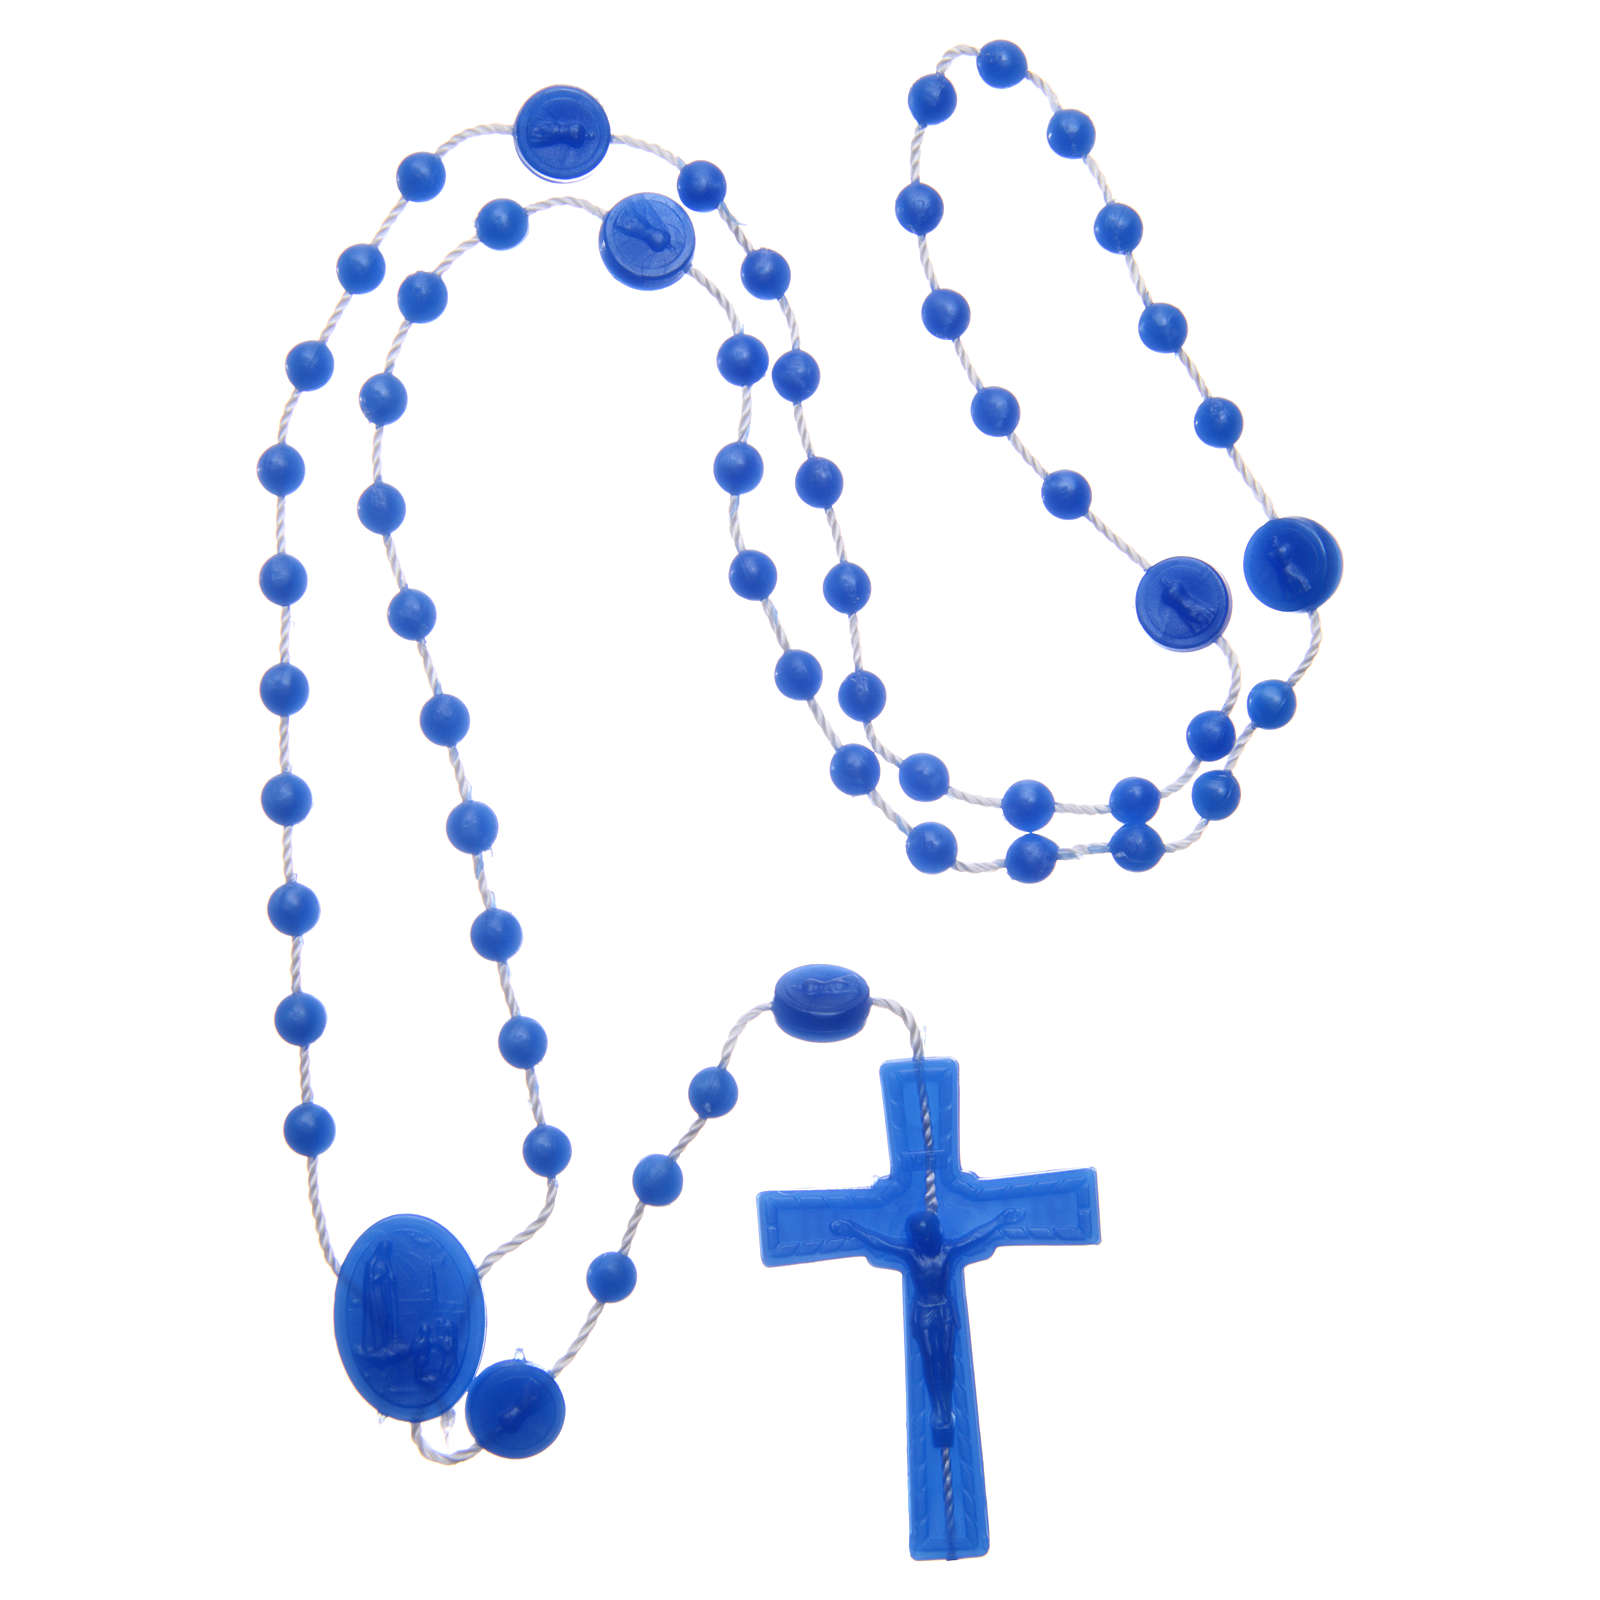 Różaniec Fatima nylon niebieski perłowy 6 mm 4